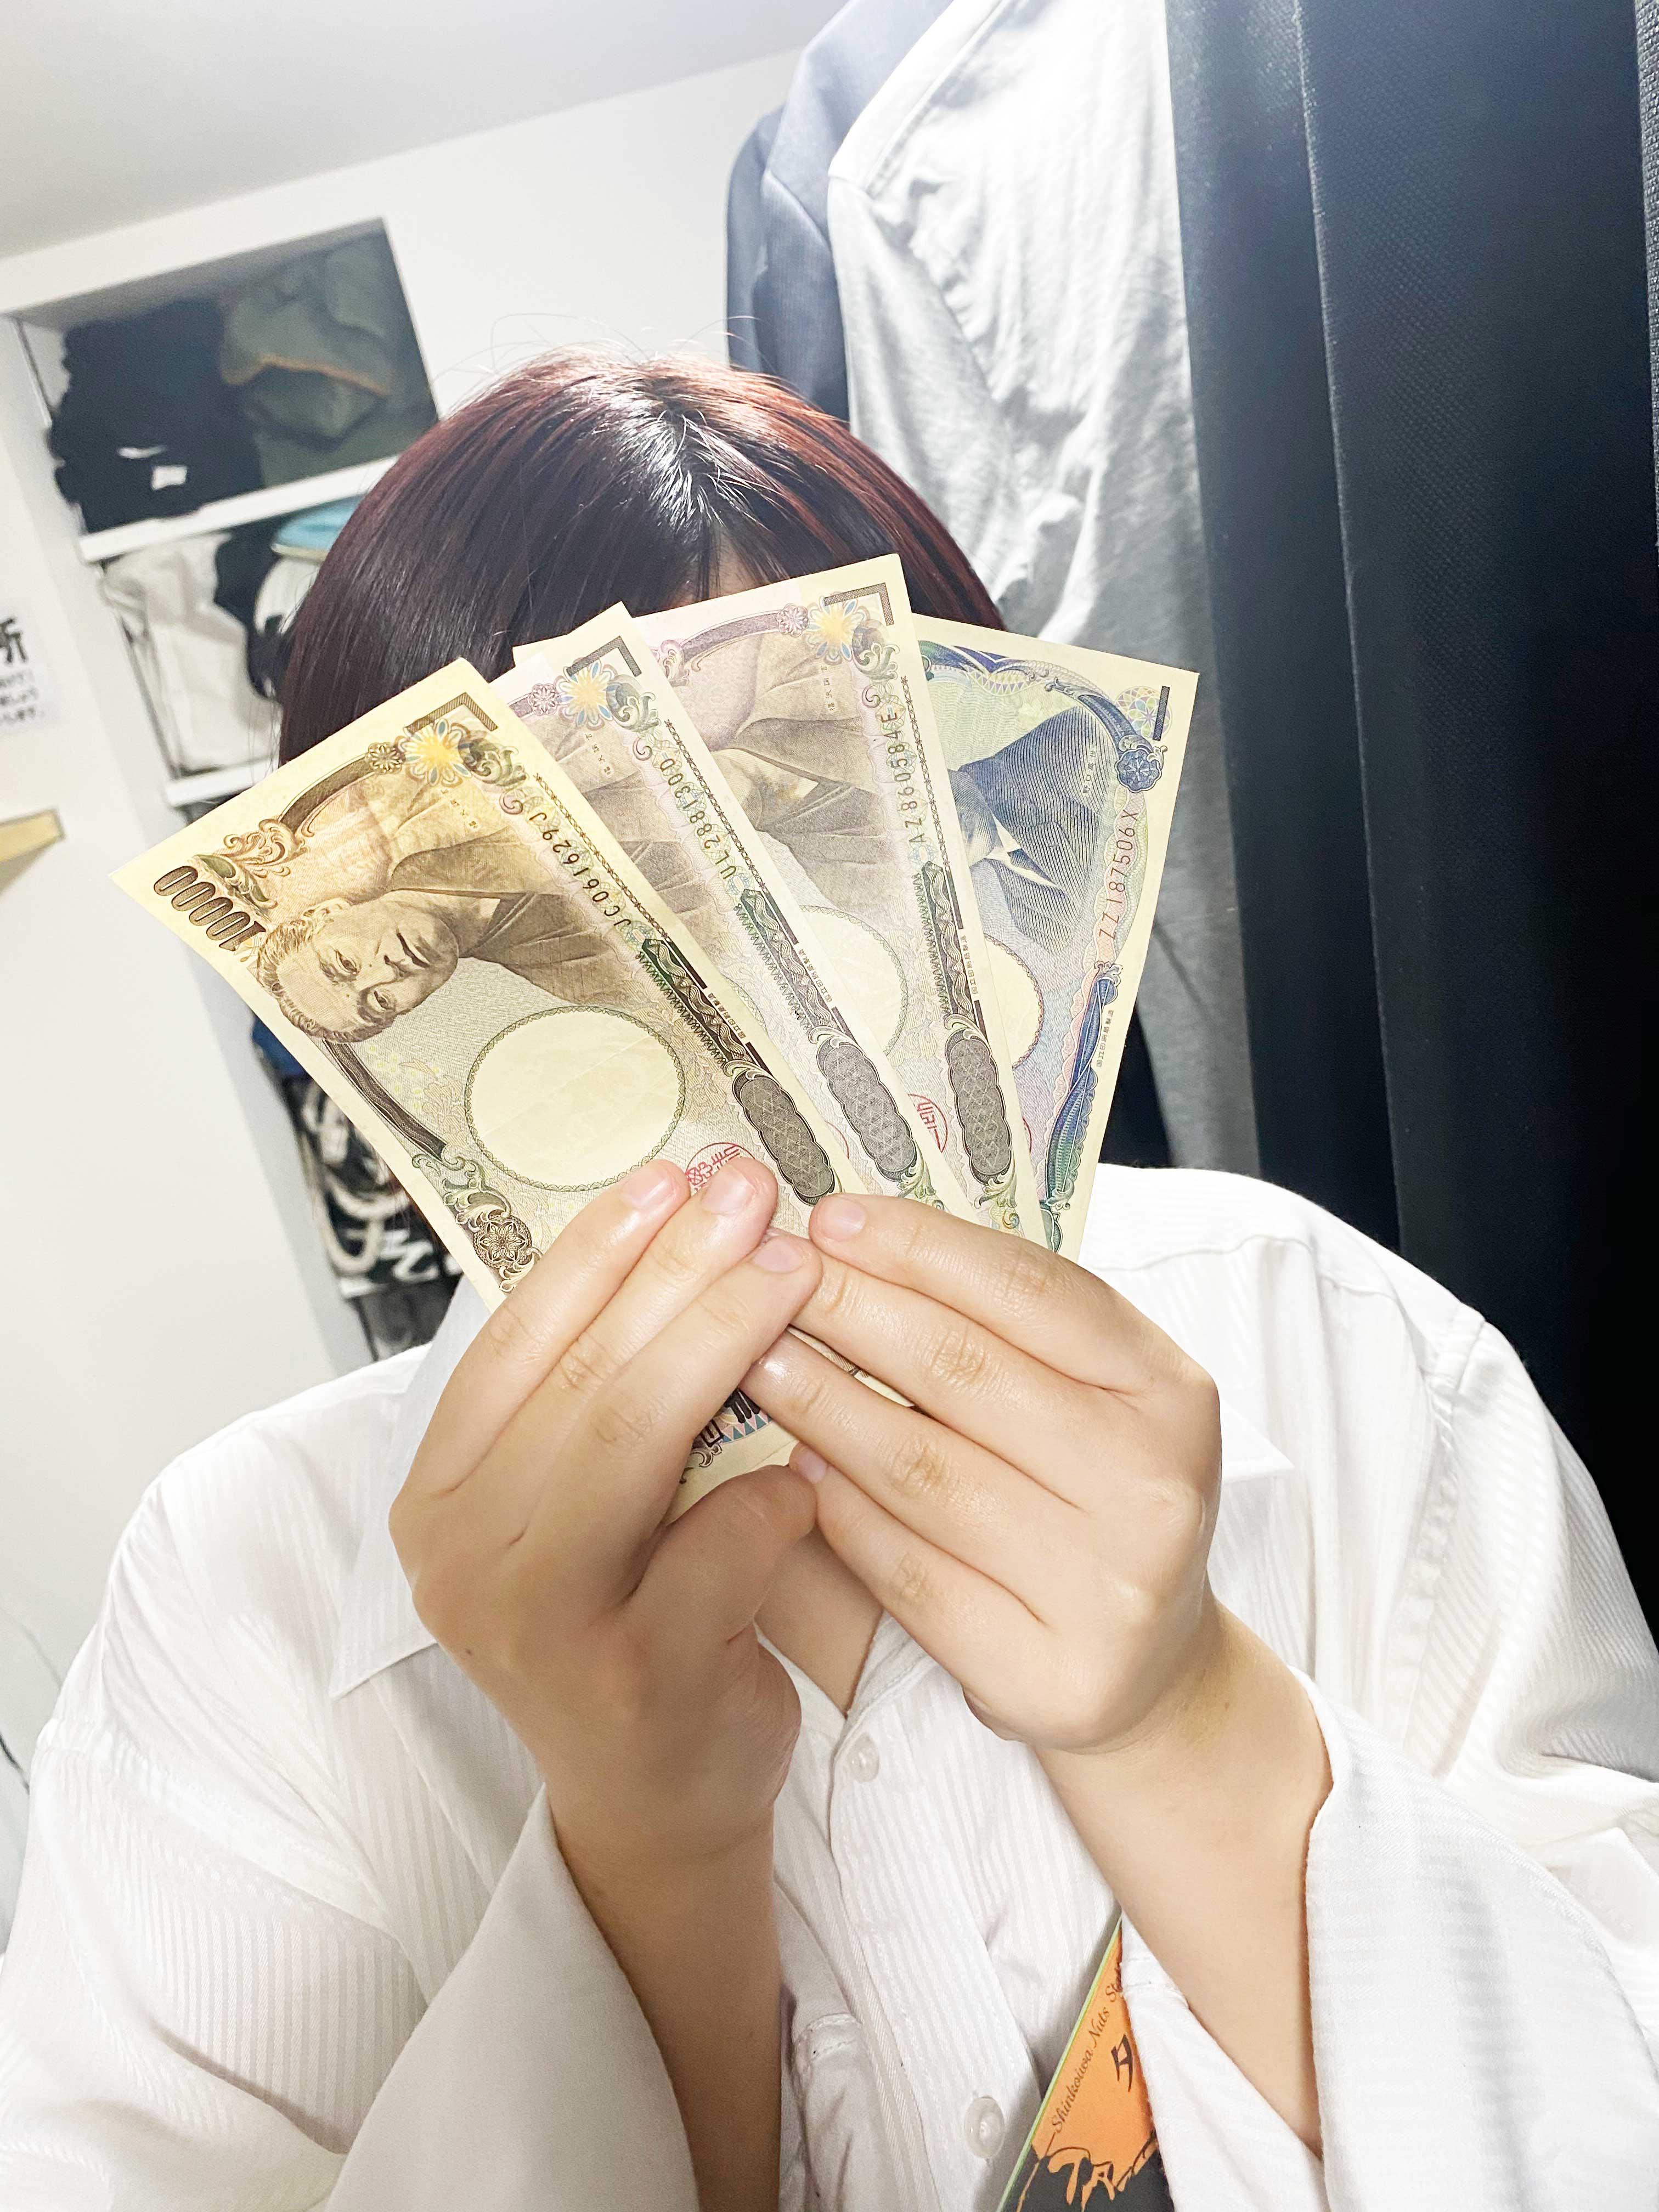 本日のお給料シリーズ6|ストバニの求人ブログ